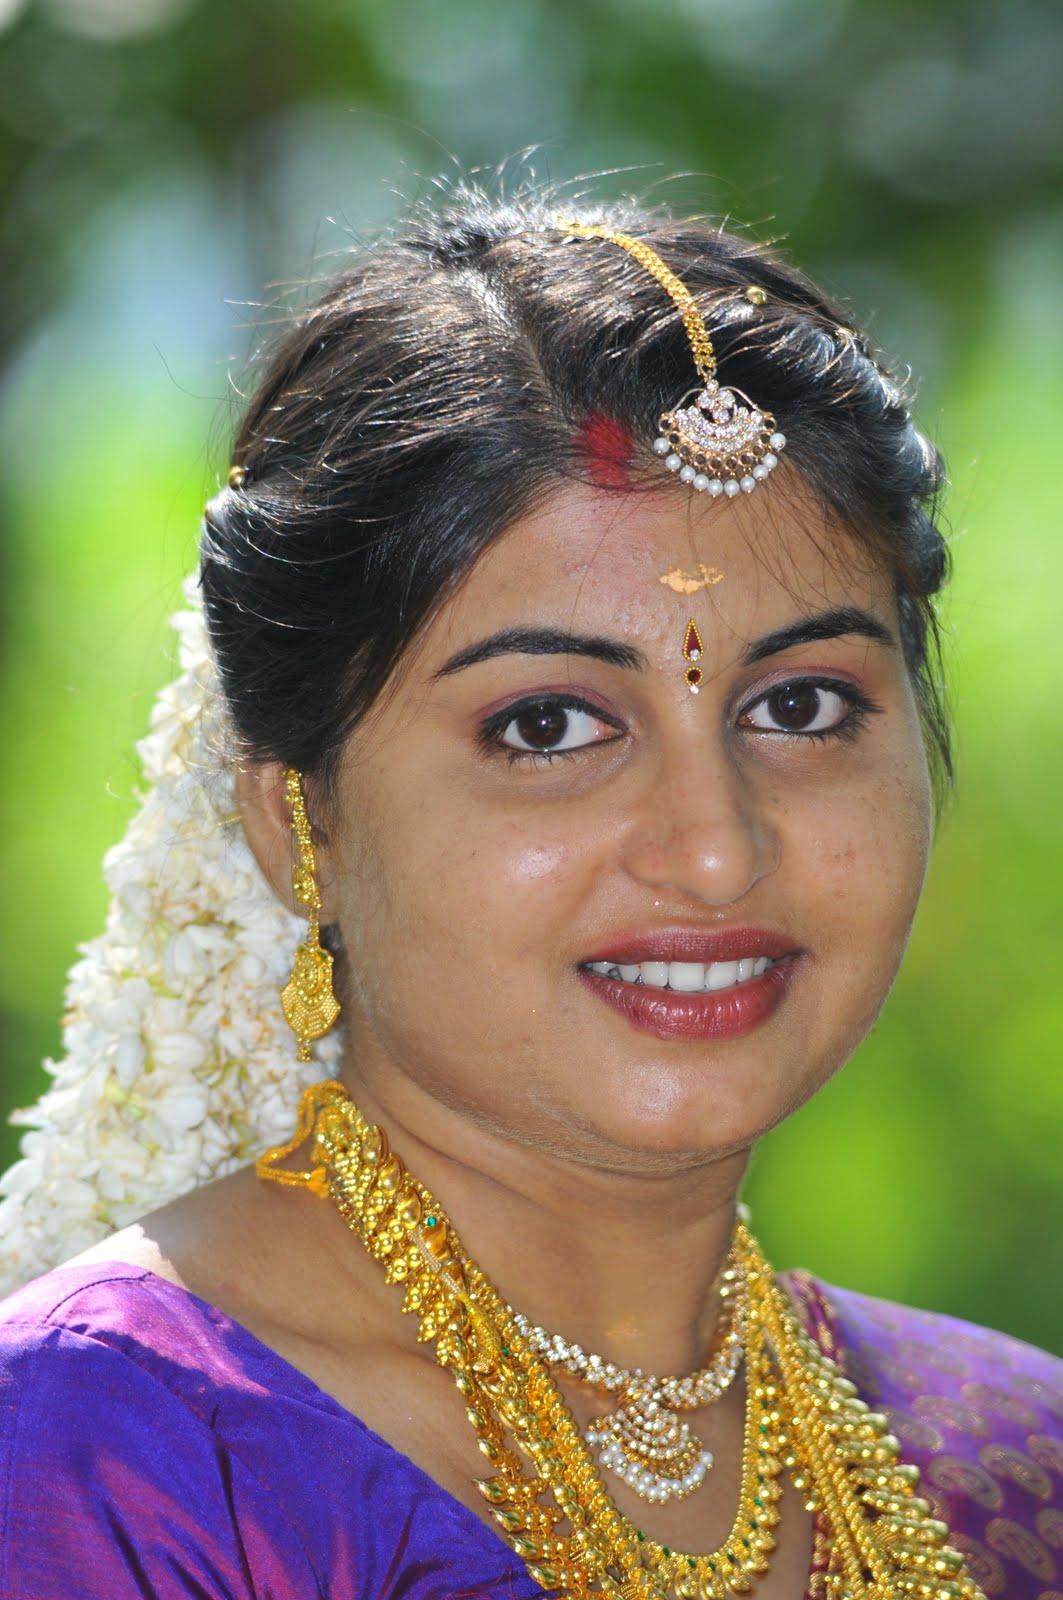 Tasteful indians lesbian images 92